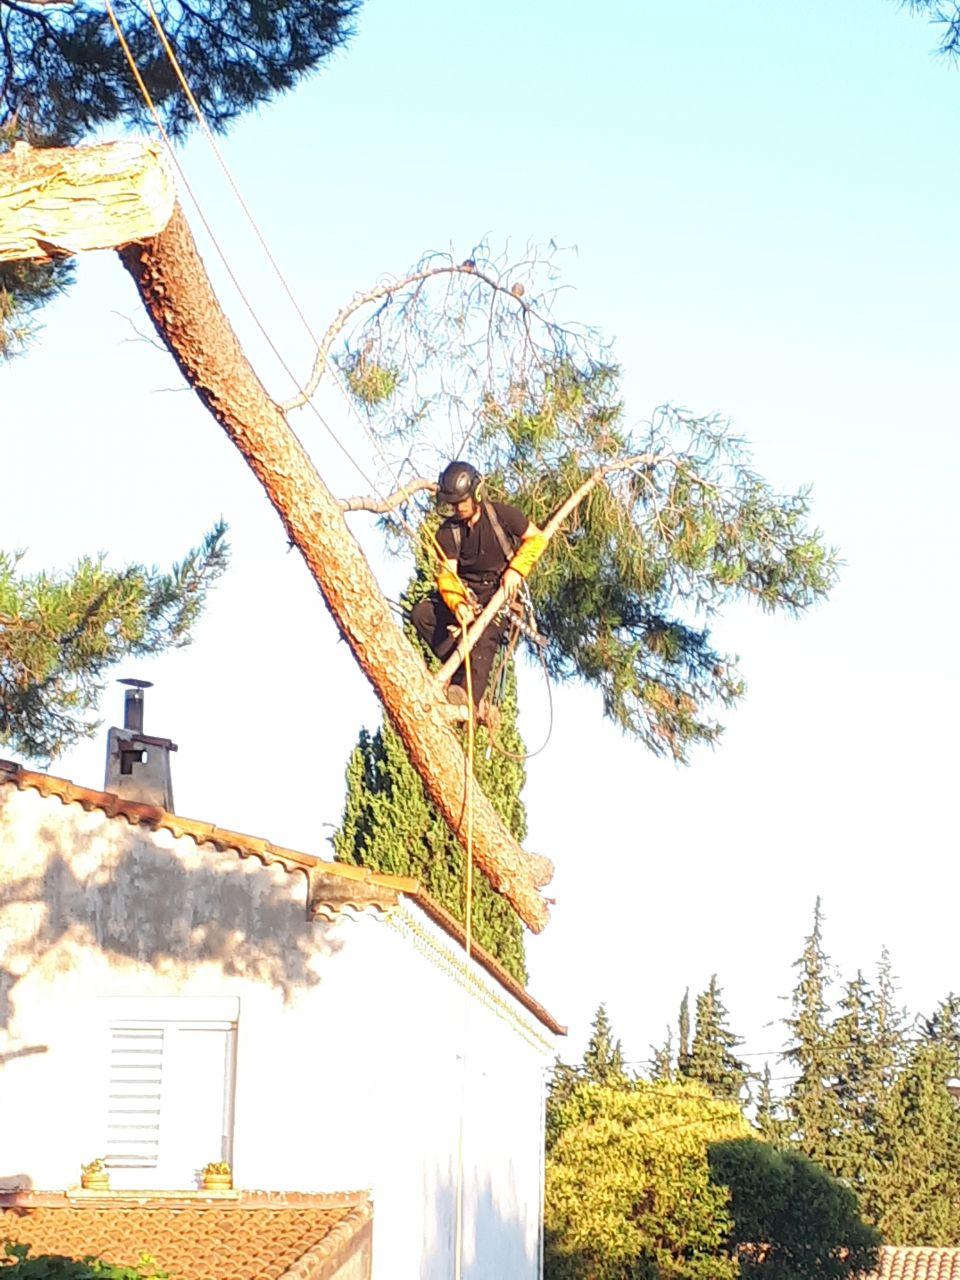 Élagage - Les funambules des arbre